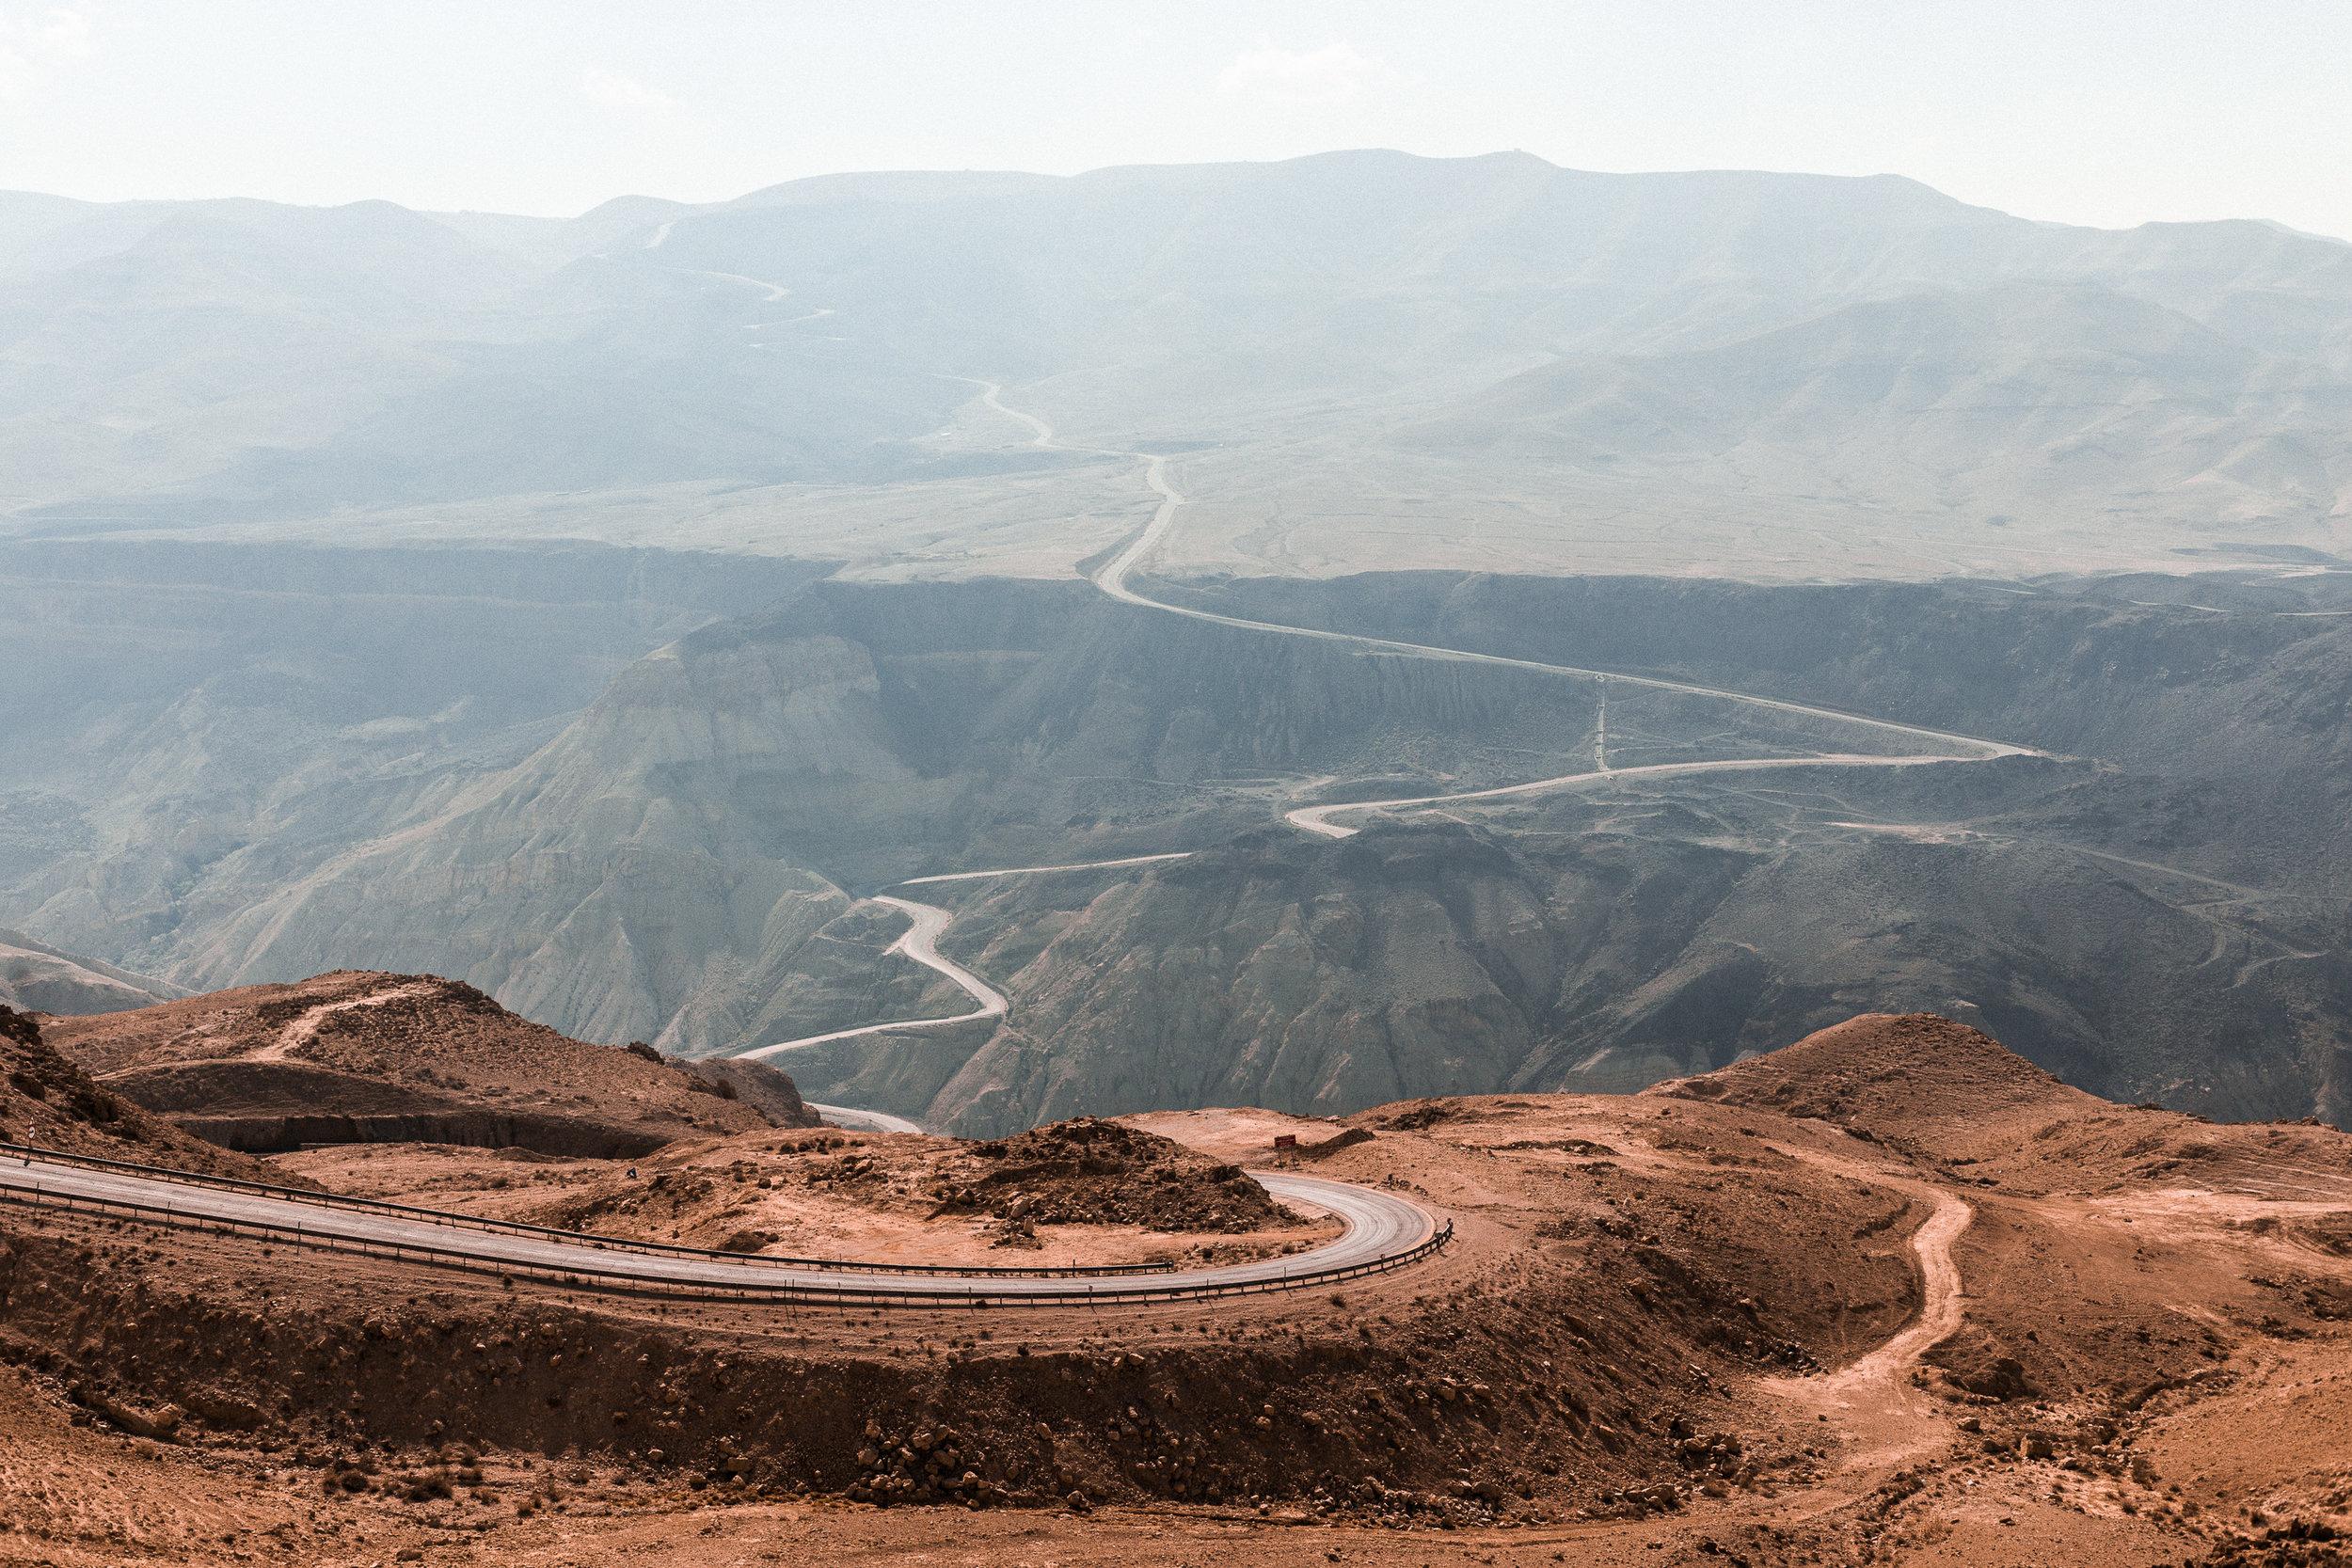 visit_jordan-38.jpg